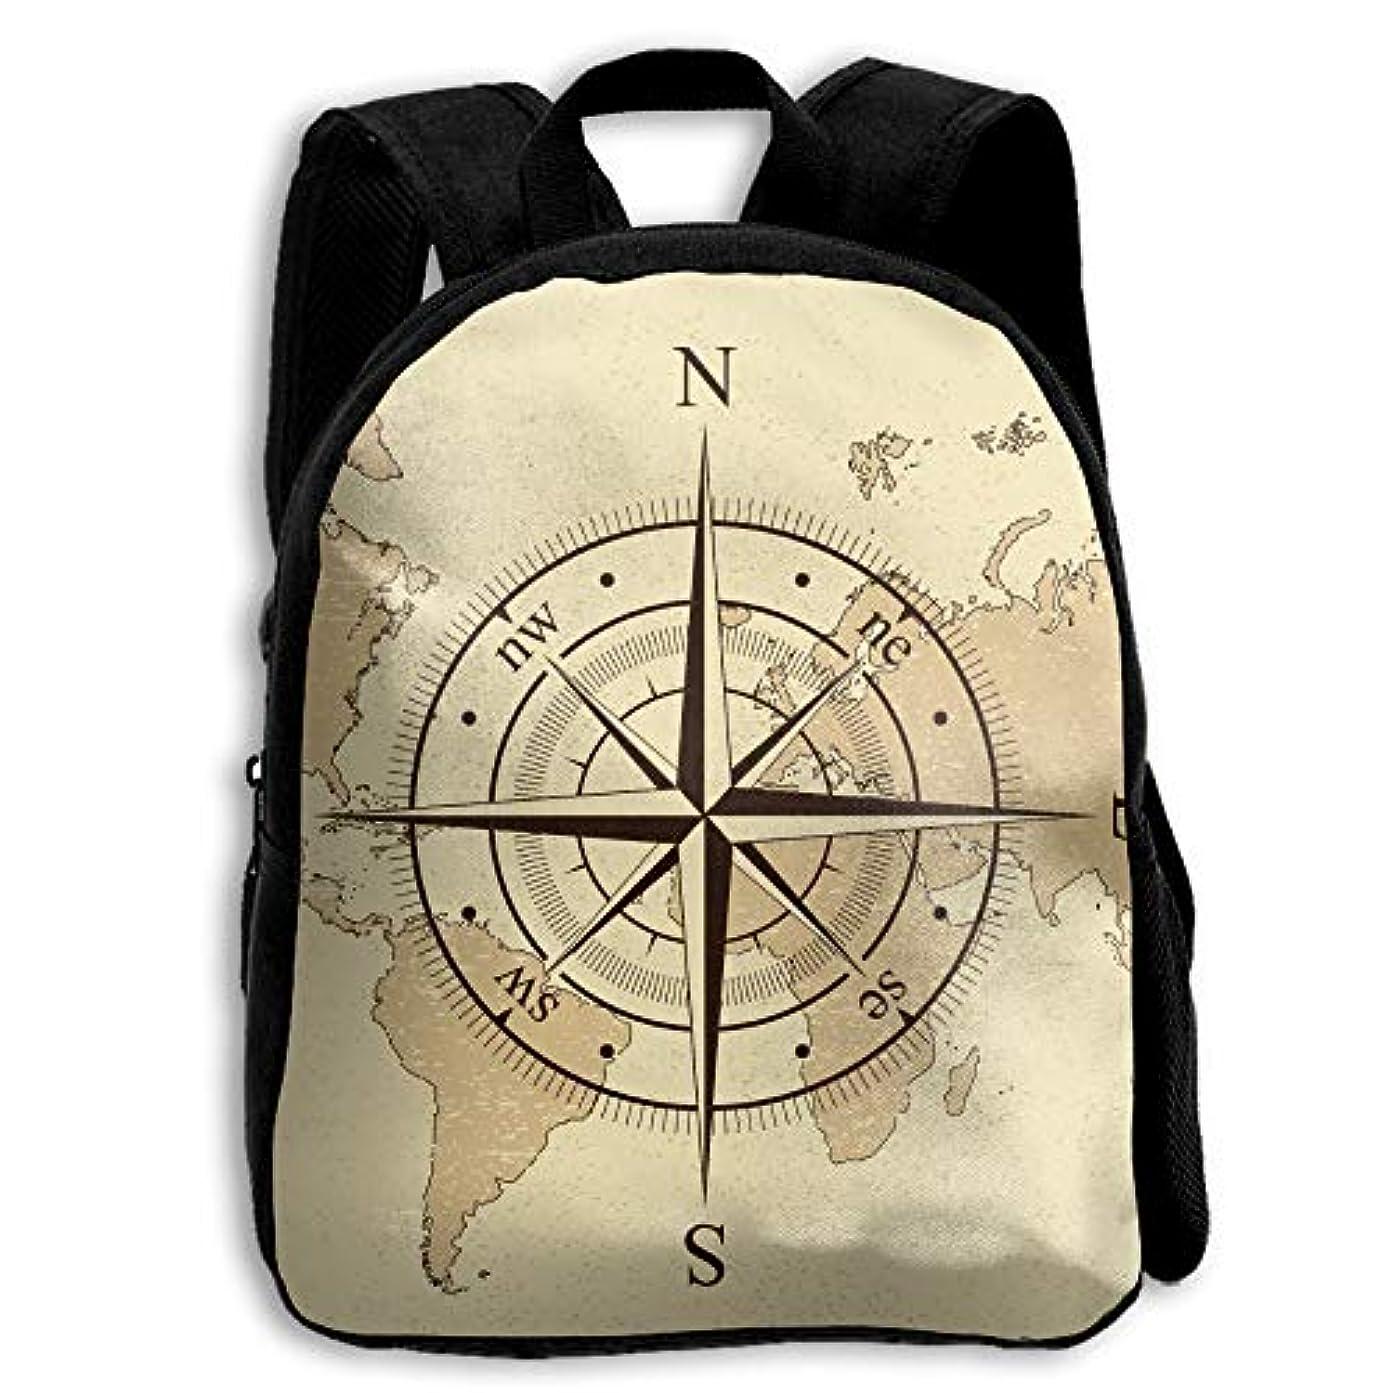 メイドお願いします添加キッズ リュックサック バックパック キッズバッグ 子供用のバッグ キッズリュック 学生 ビンテージ マップ 指針 七大州 アウトドア 通学 ハイキング 遠足